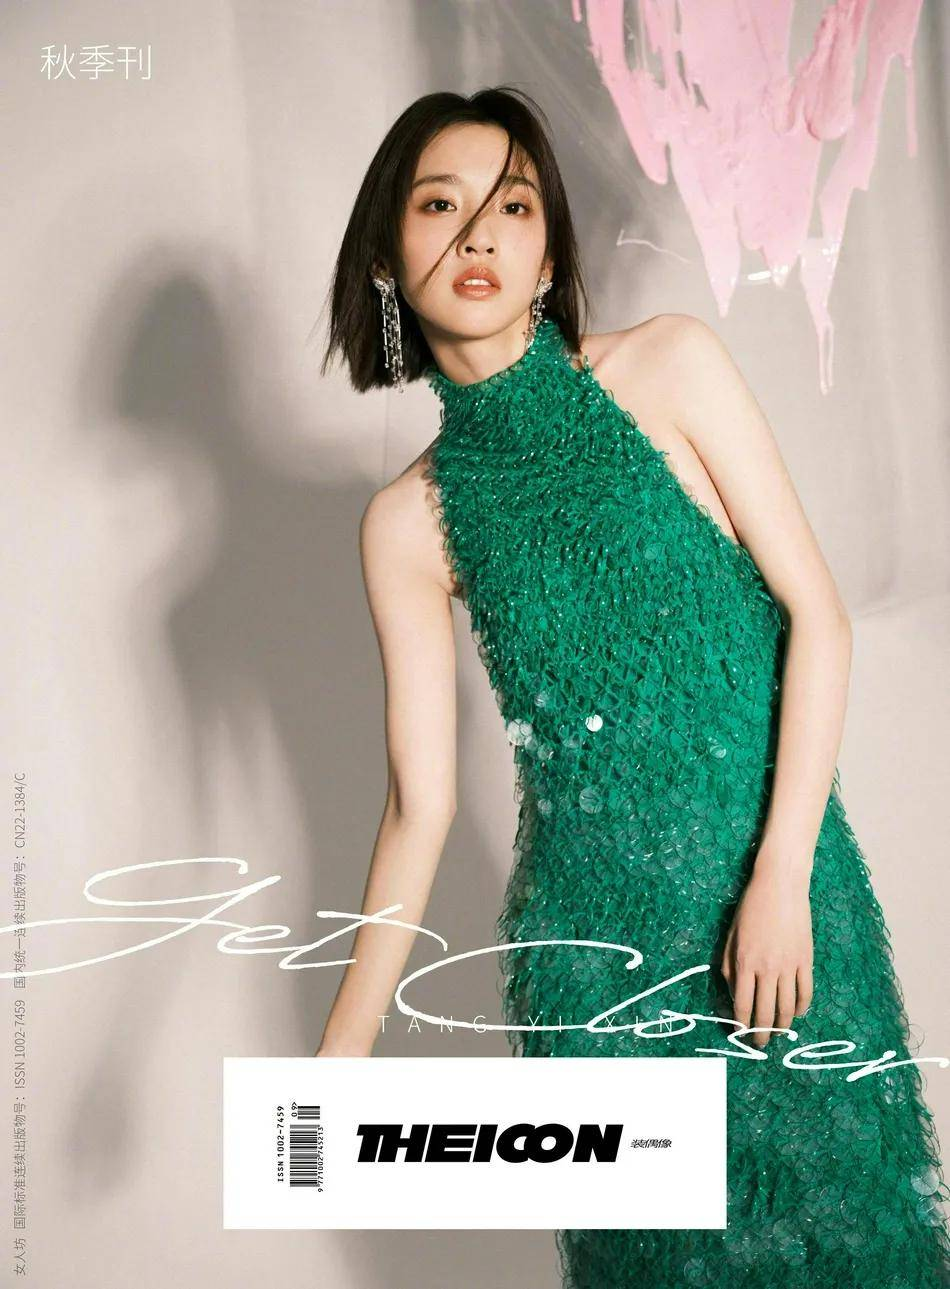 唐艺昕穿着绿裙露背写真超美艳!雪肤玉貌太性感撩人